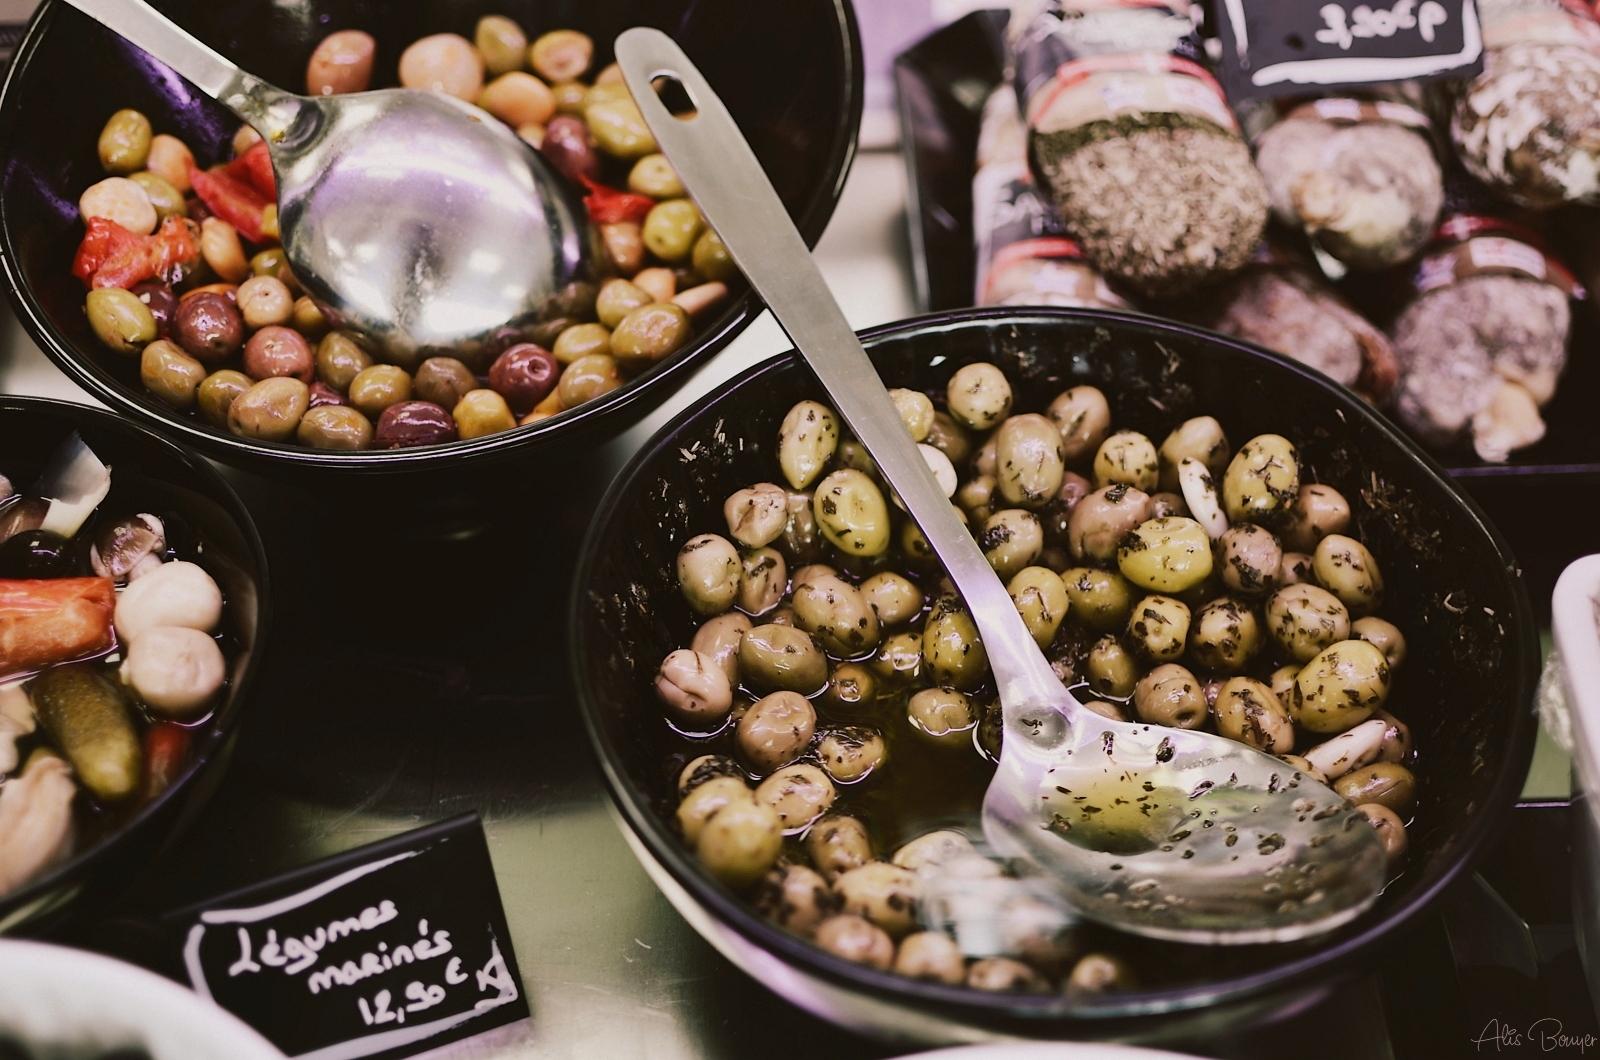 Galerie d'image - Les gourmandises de Goulaine